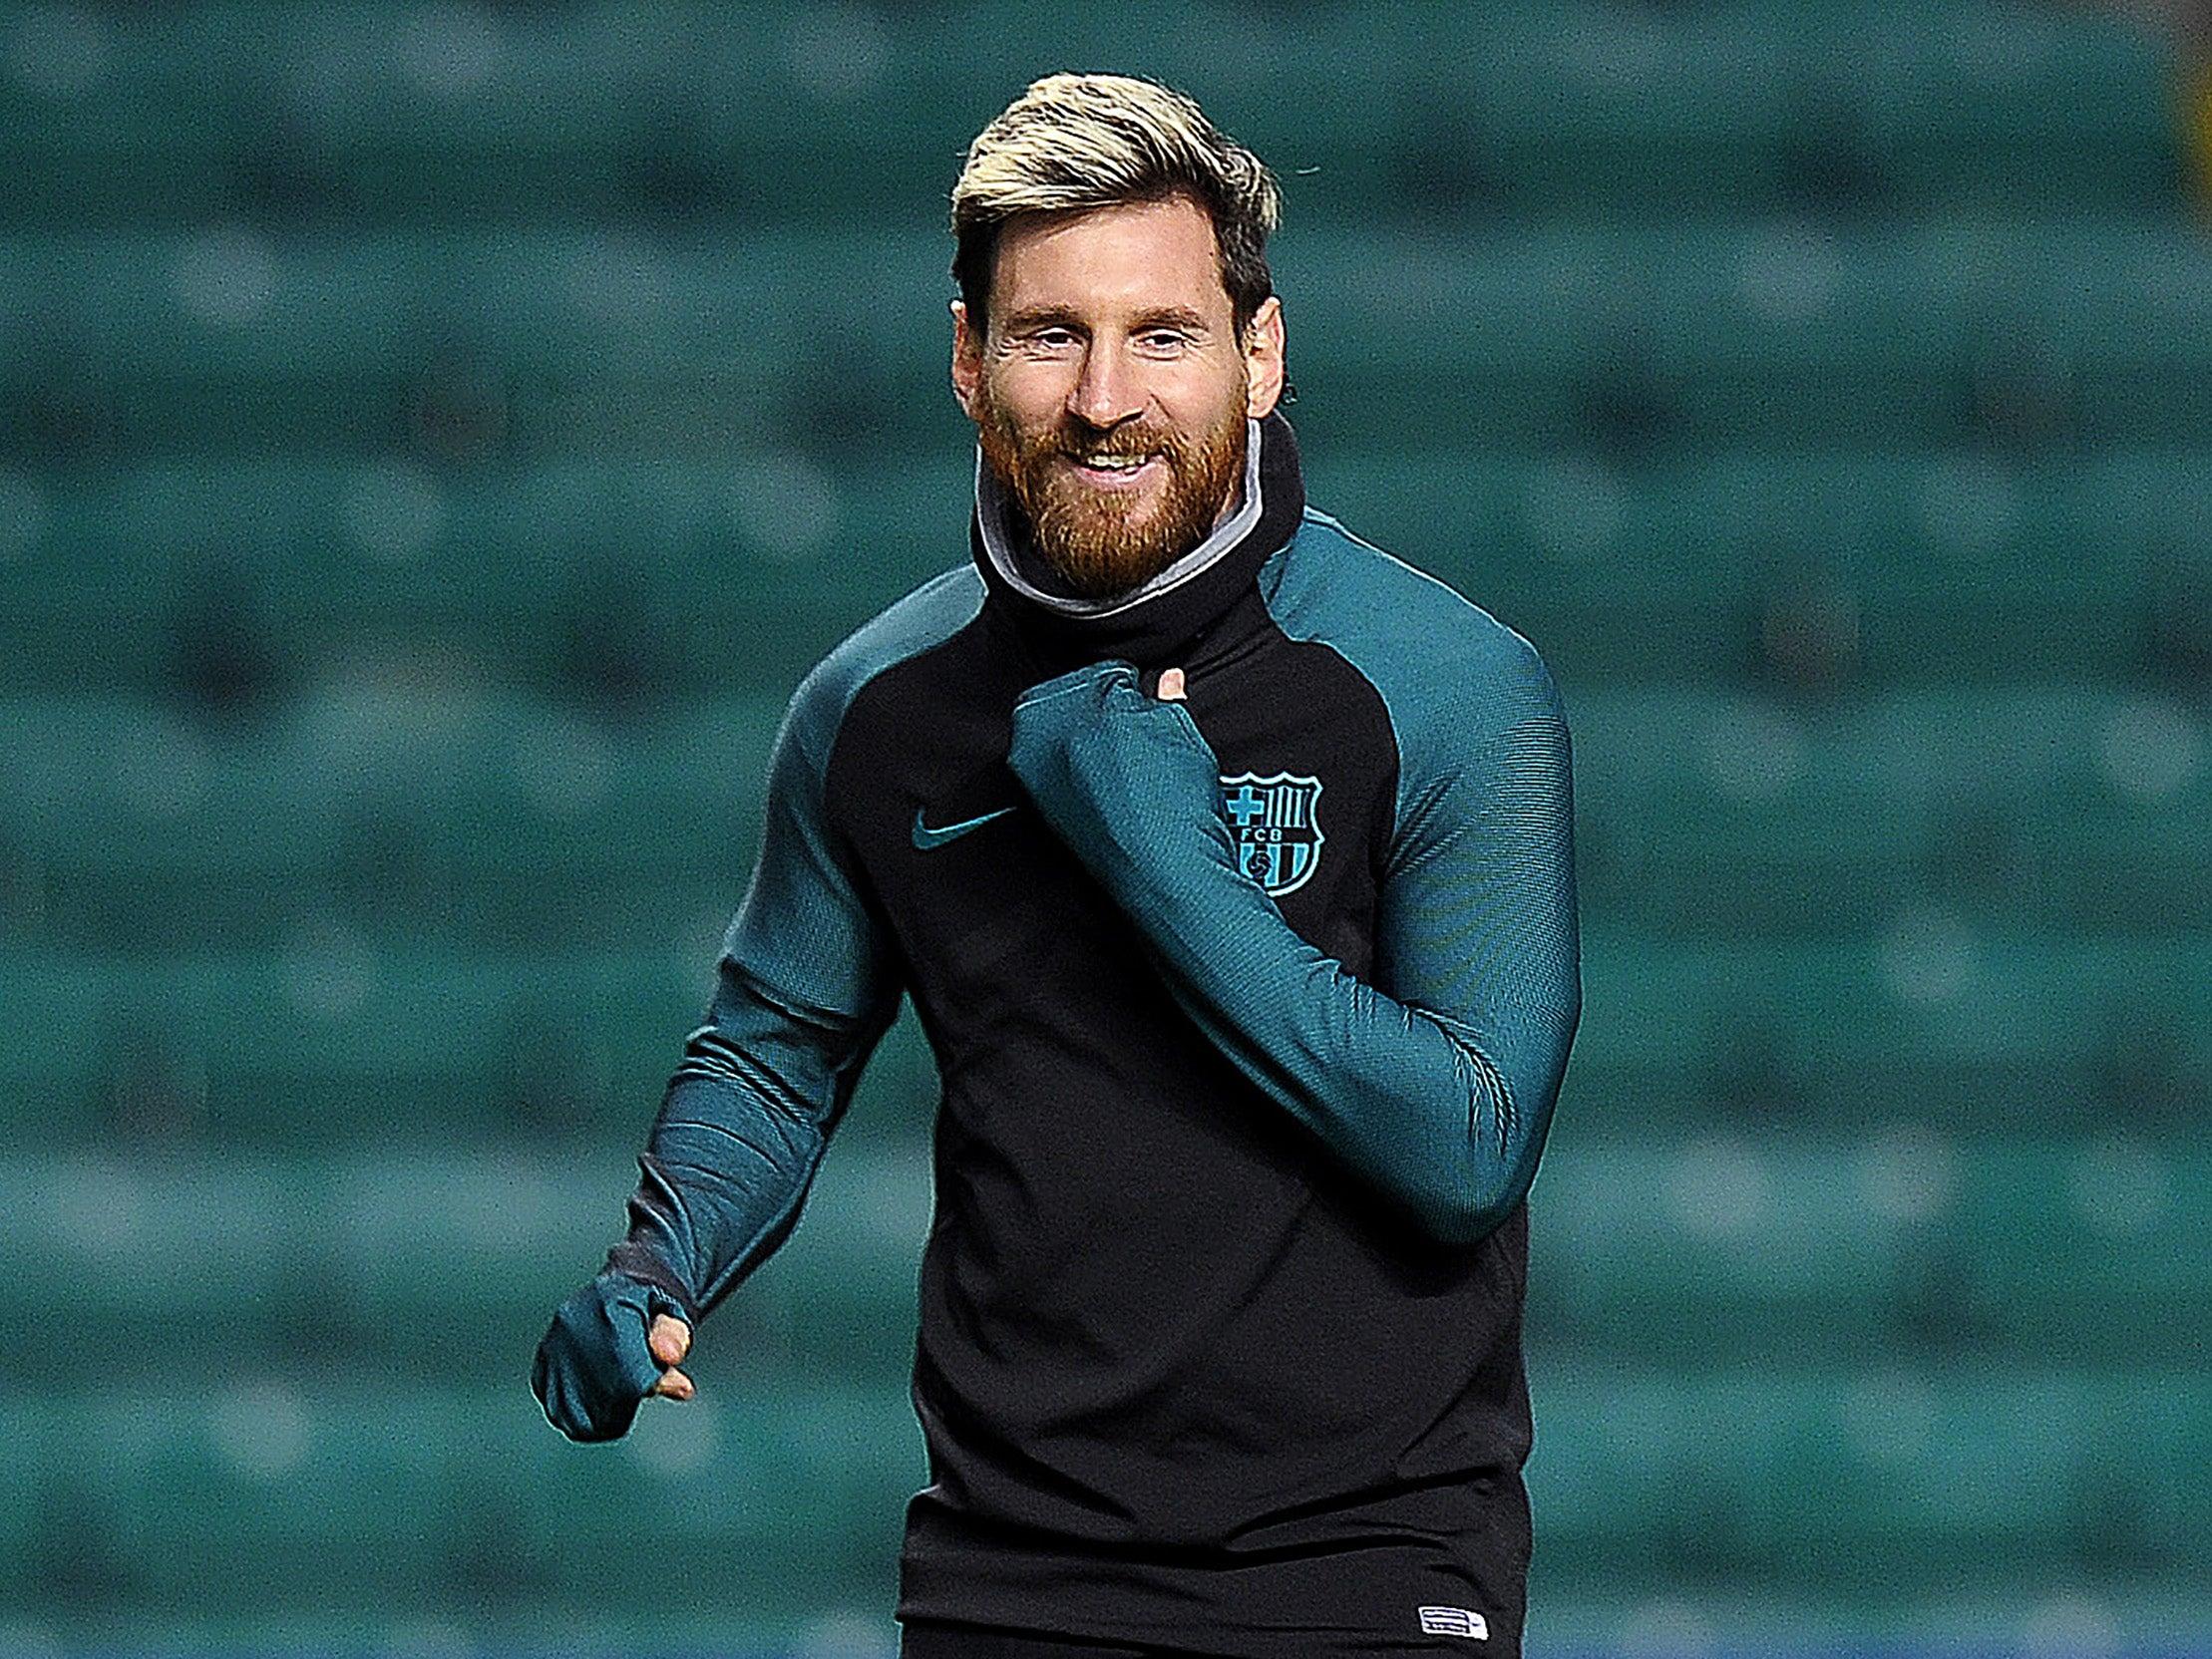 Manchester City transfer news: Luis Enrique admits he has 'no idea' about Lionel Messi's future